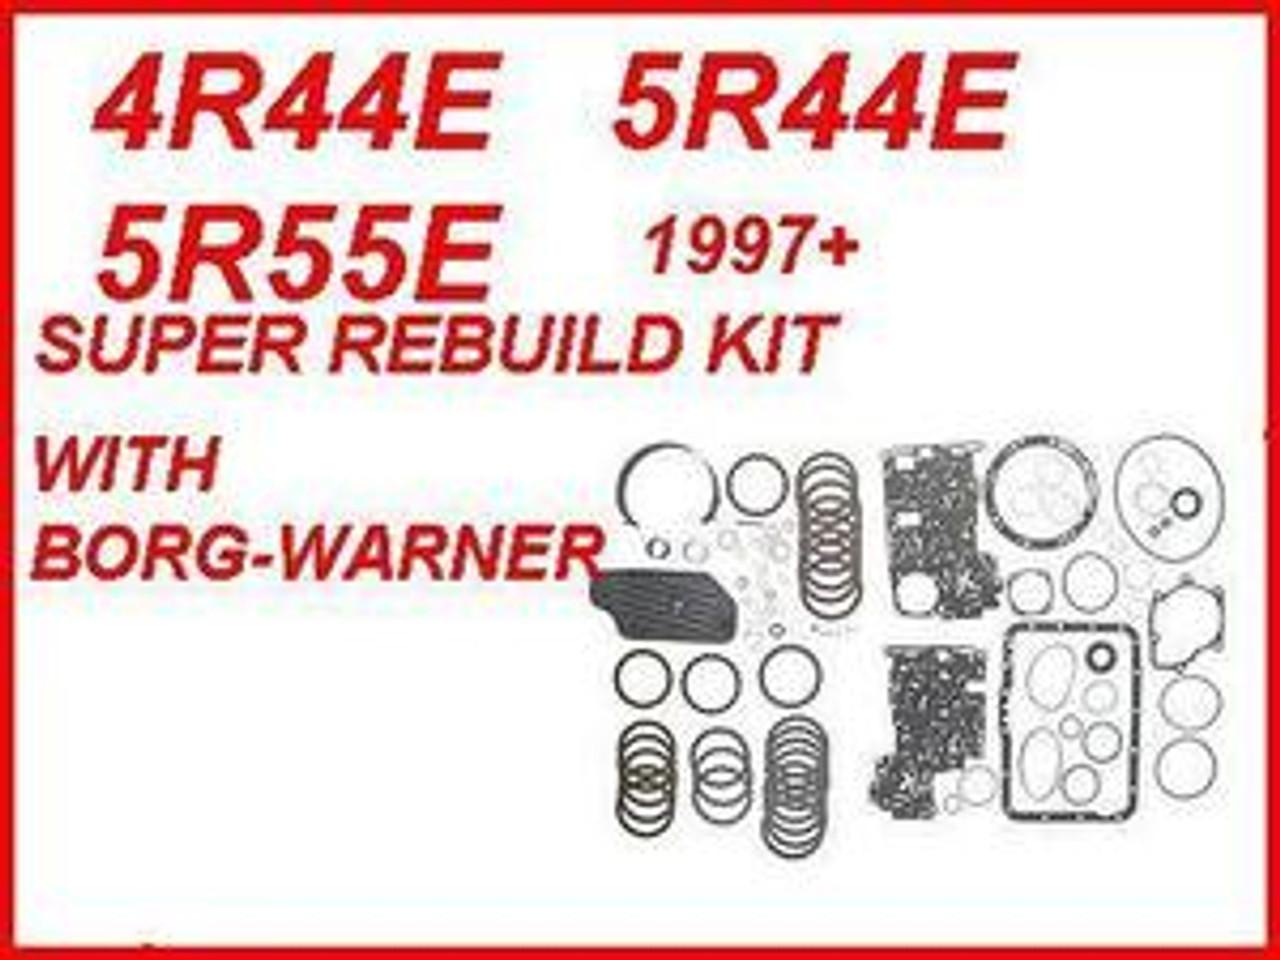 5r55e parts